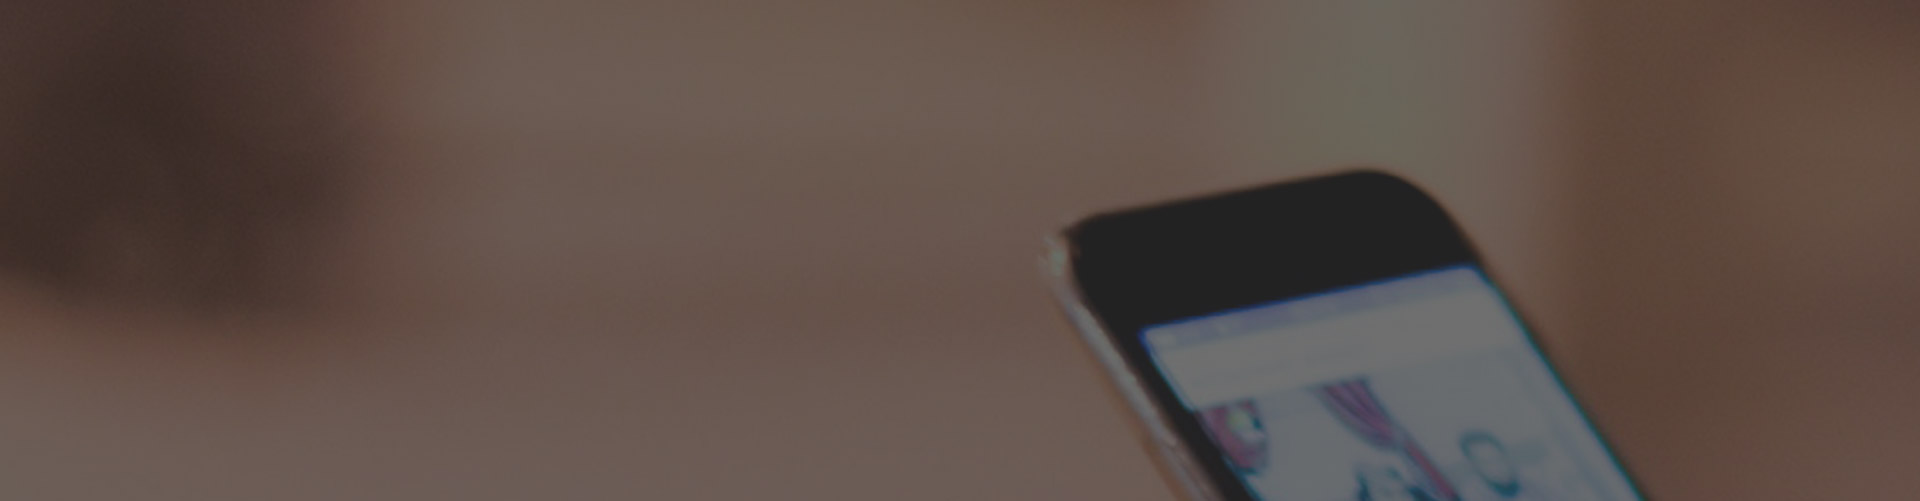 常德产品电商m6米乐app官网下载建设的特点及优势